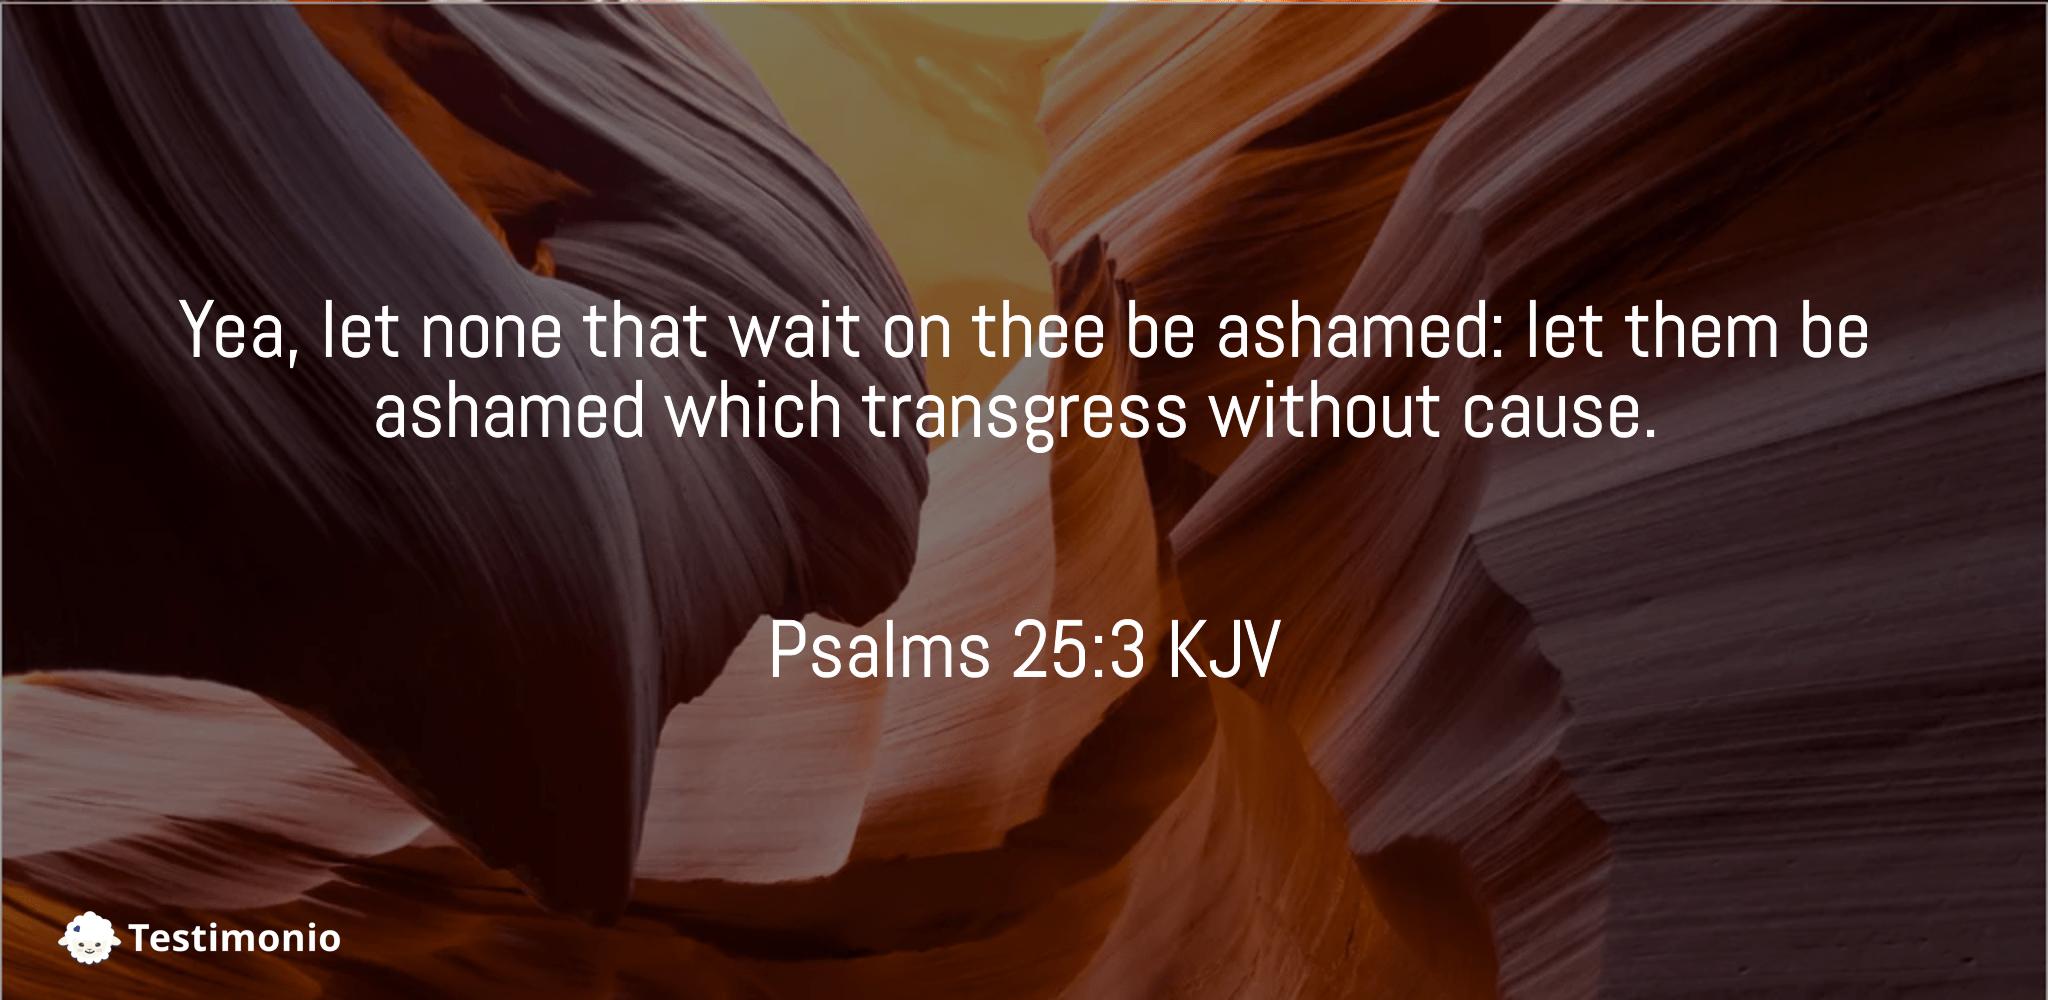 Psalms 25:3